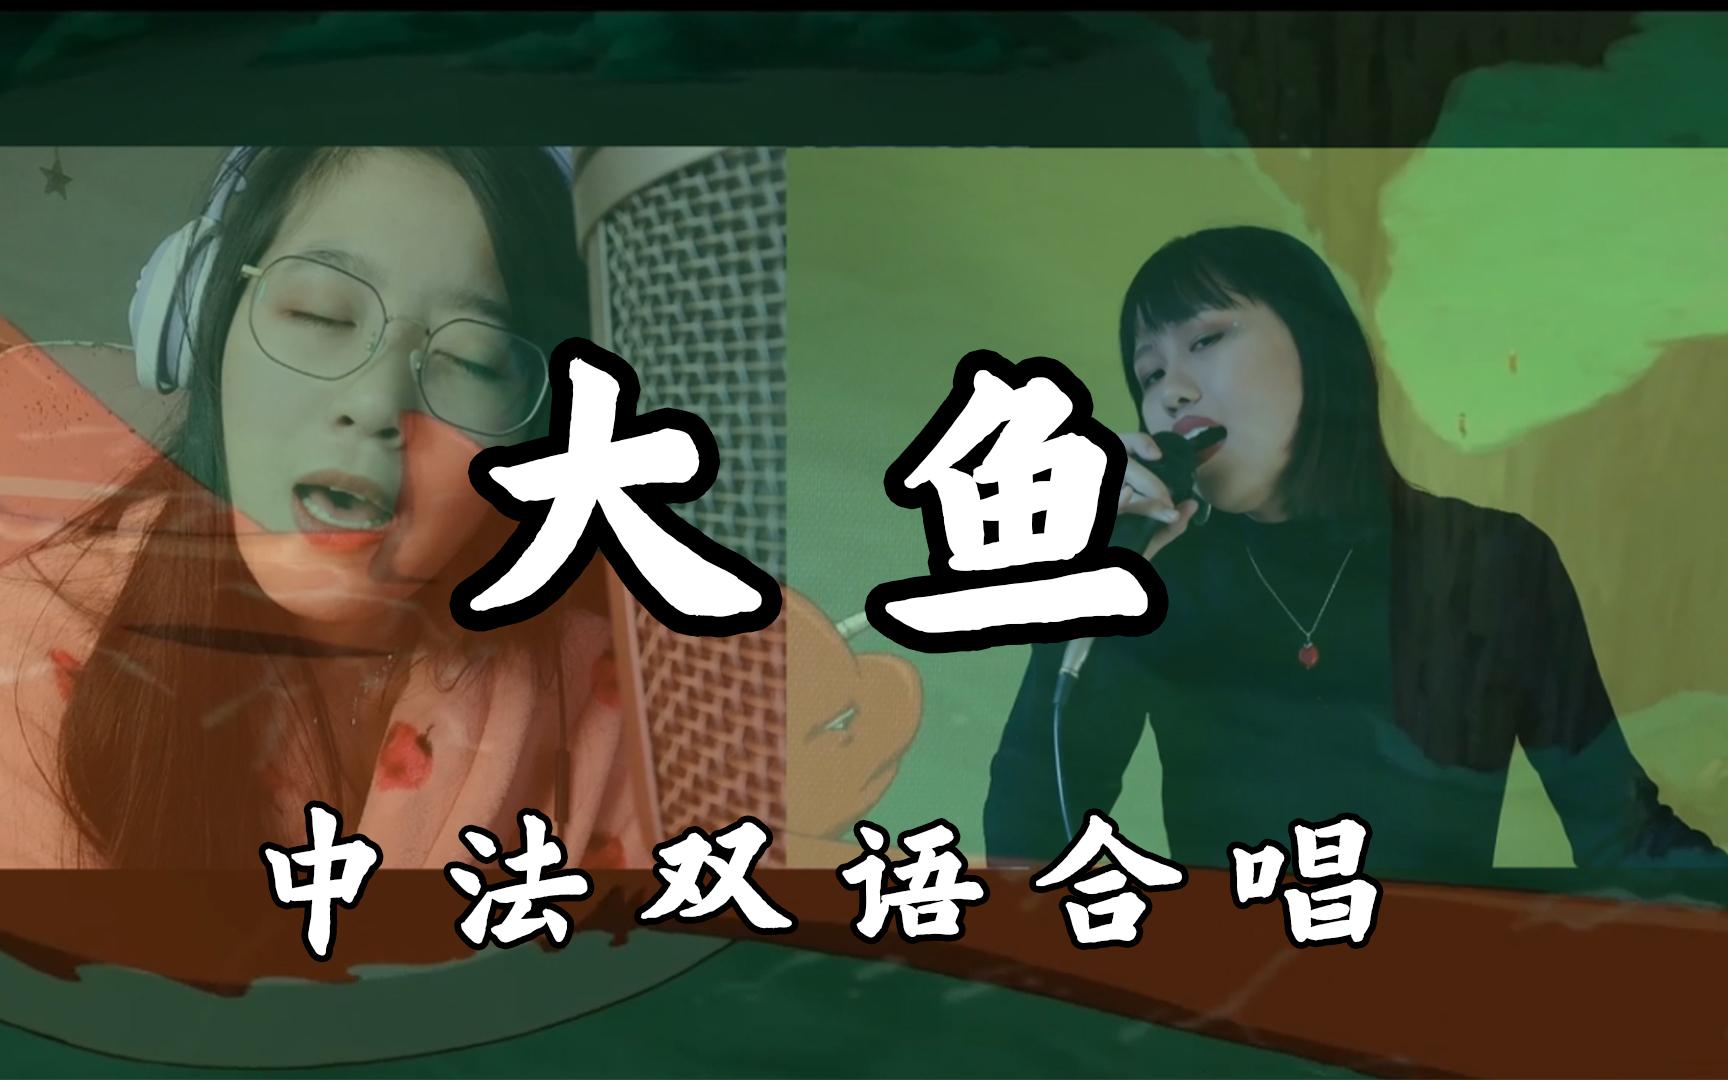 【甲鱼 X 阿欣】中法双语合唱 -《大鱼》